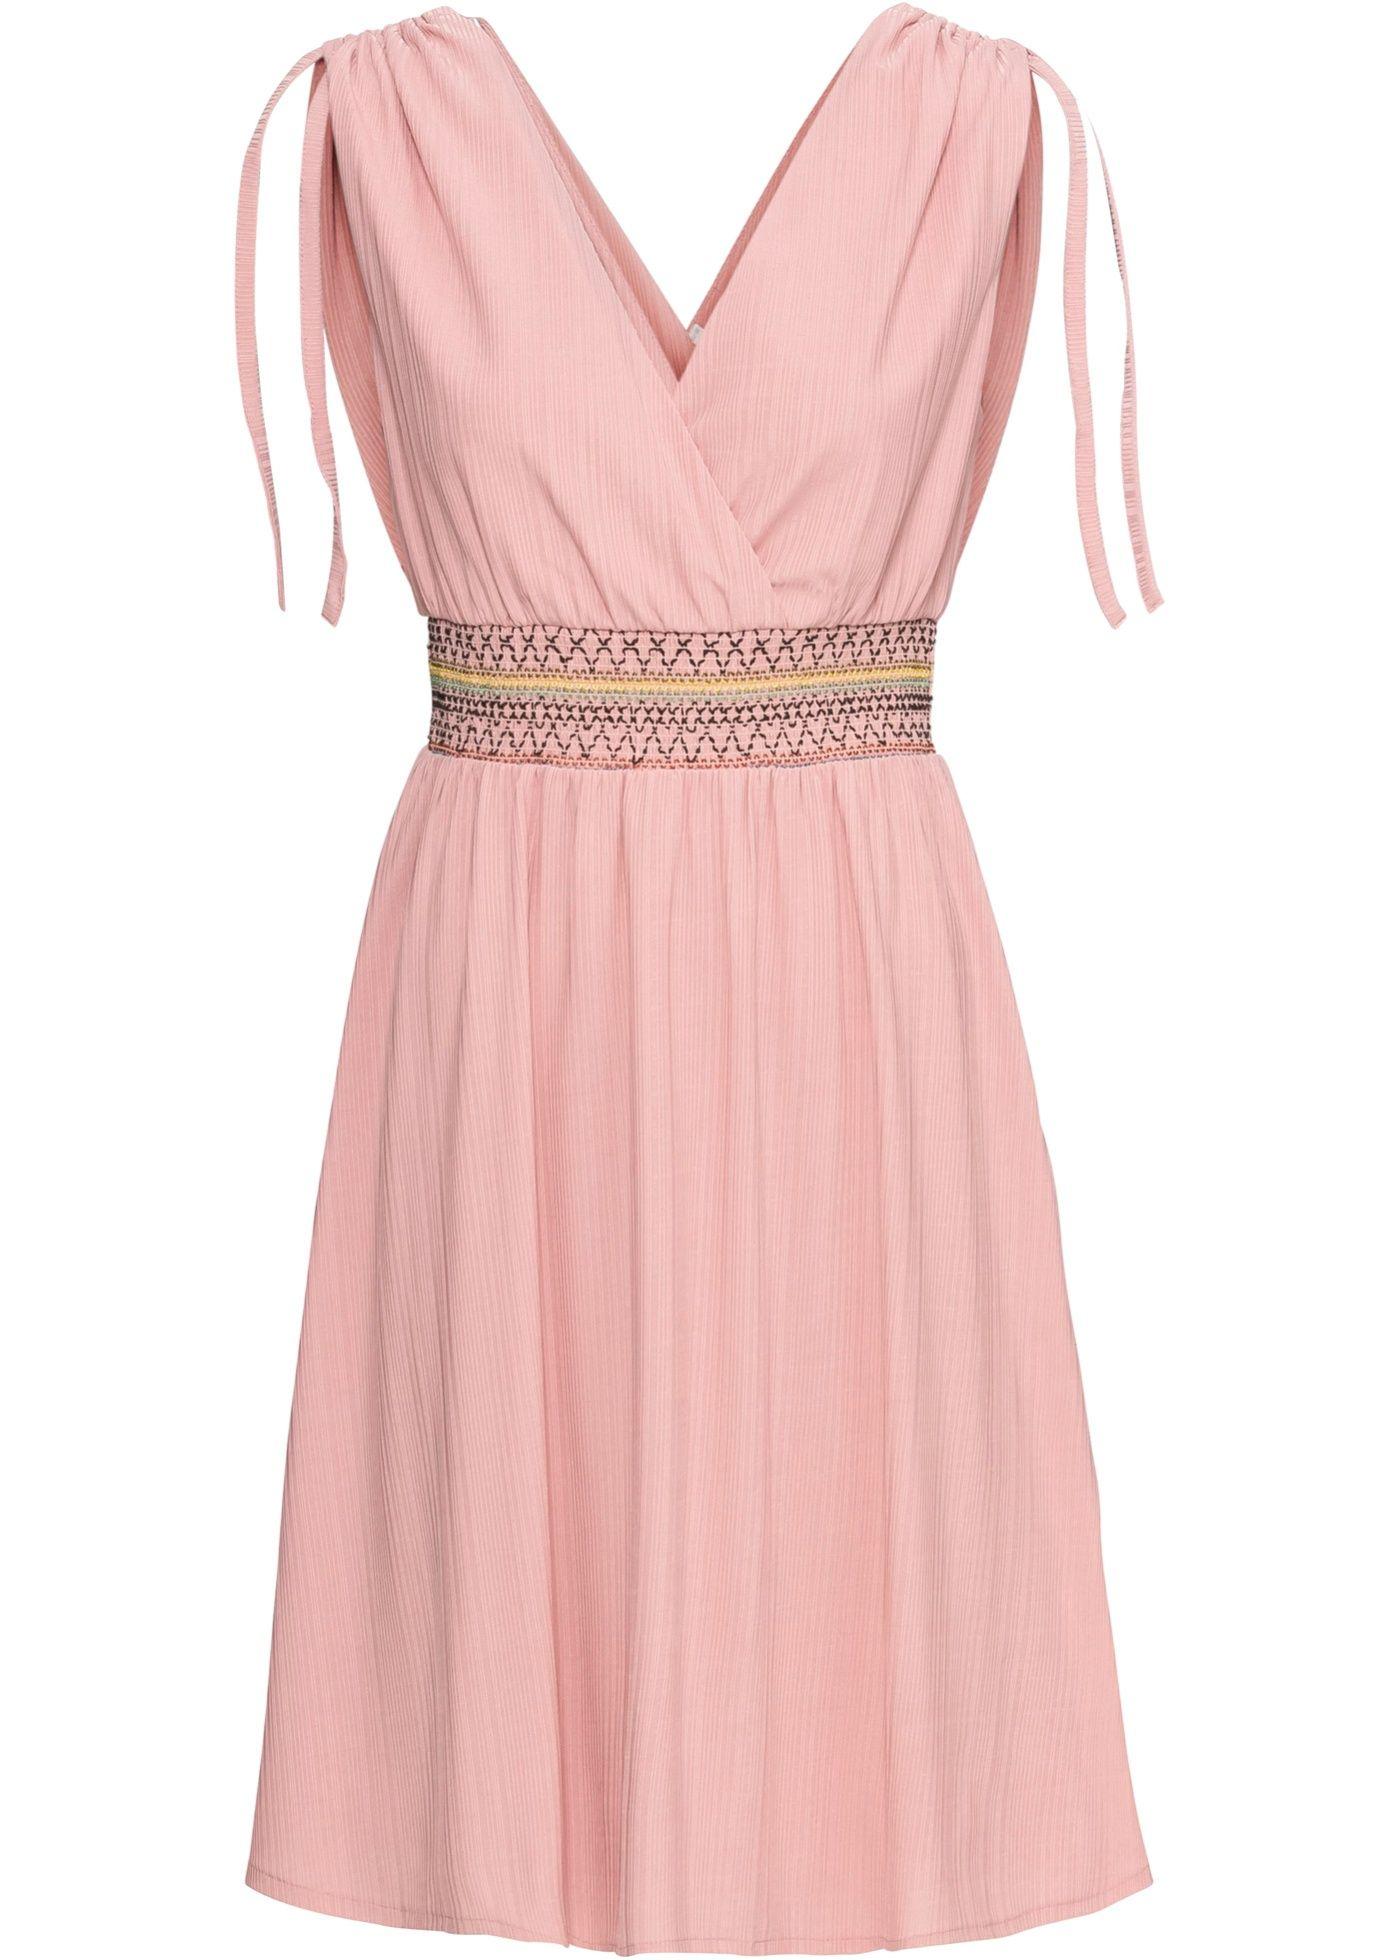 Zauberhaftes Kleid mit Raffung und auffälligem Einsatz - rosa in